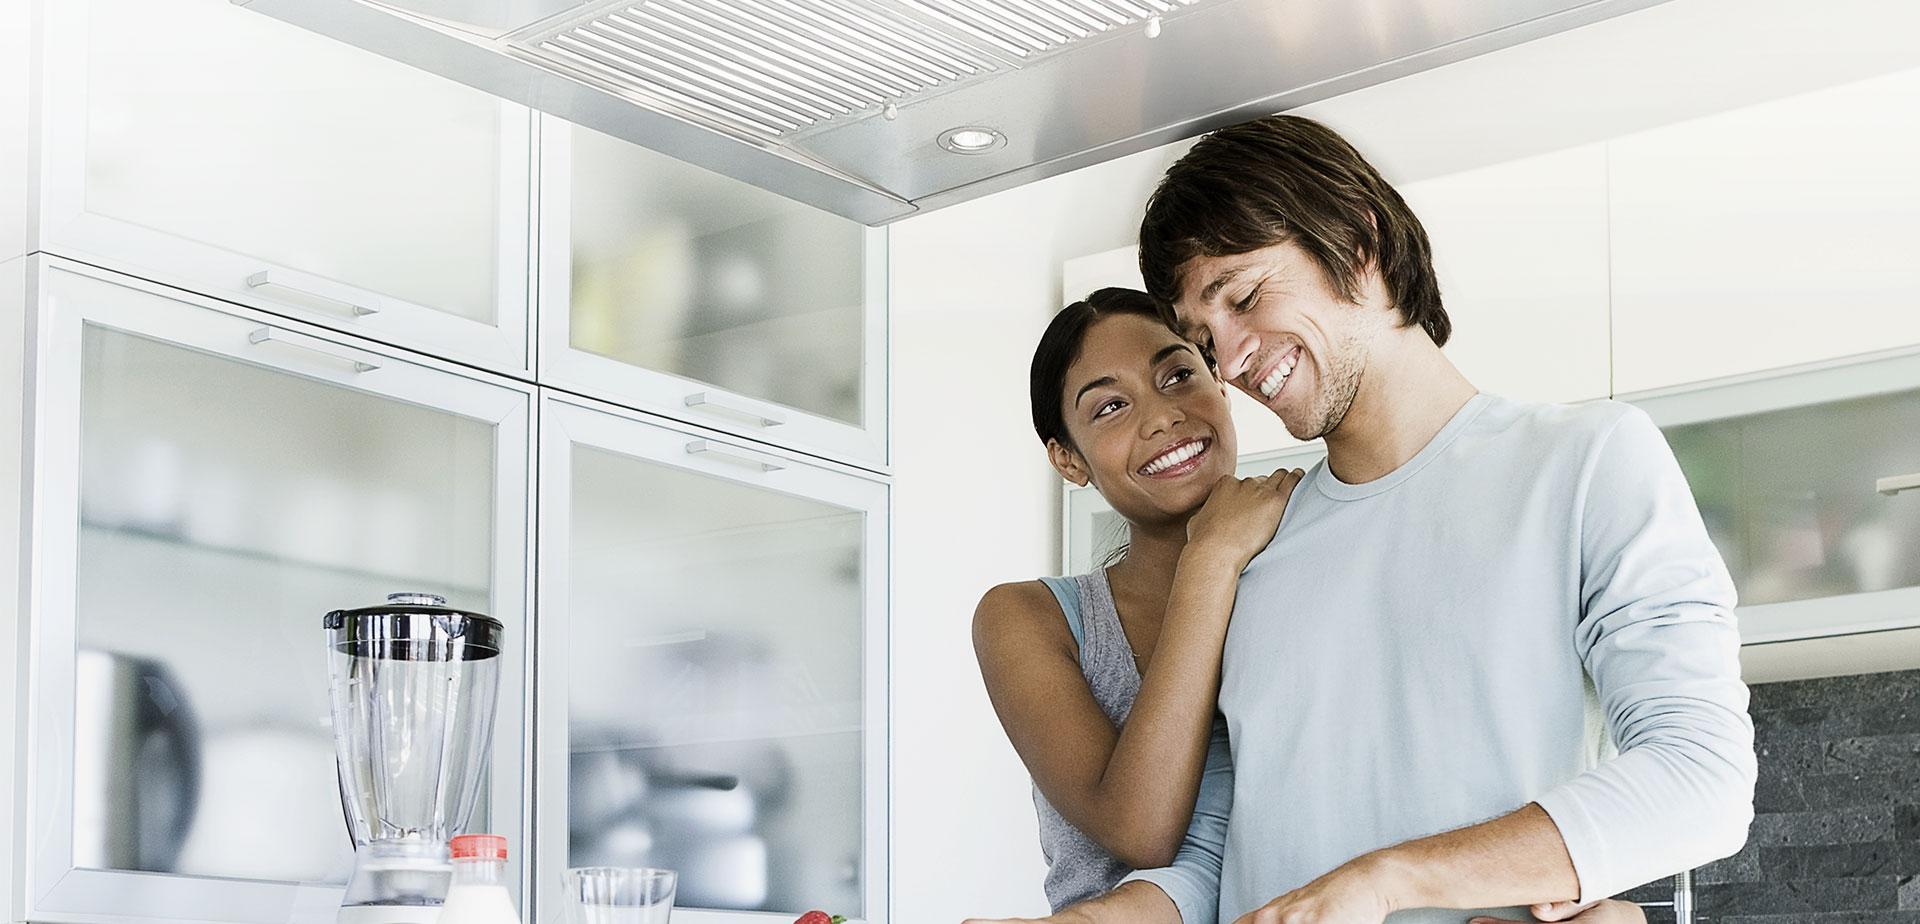 """Pour aimer faire la cuisine,<br class=""""desktop-only""""><strong>il faut déjà aimer sa cuisine.</strong>"""